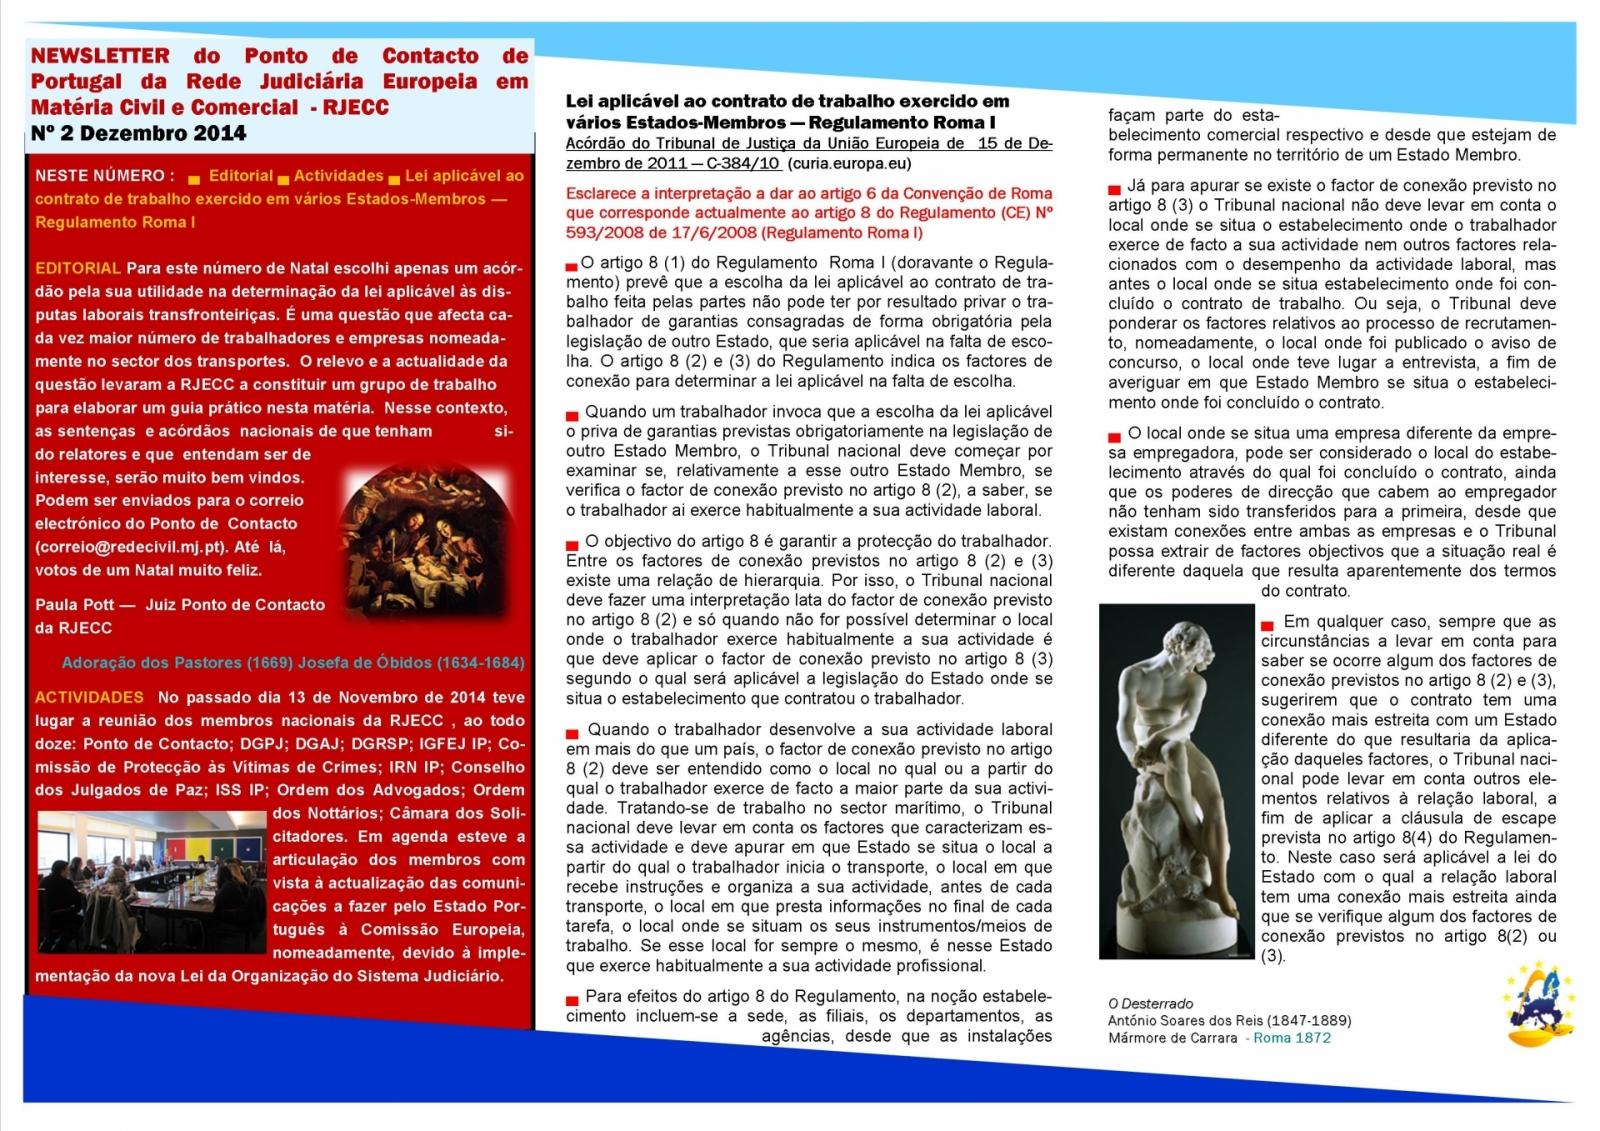 Newsletter - Novembro de 2014